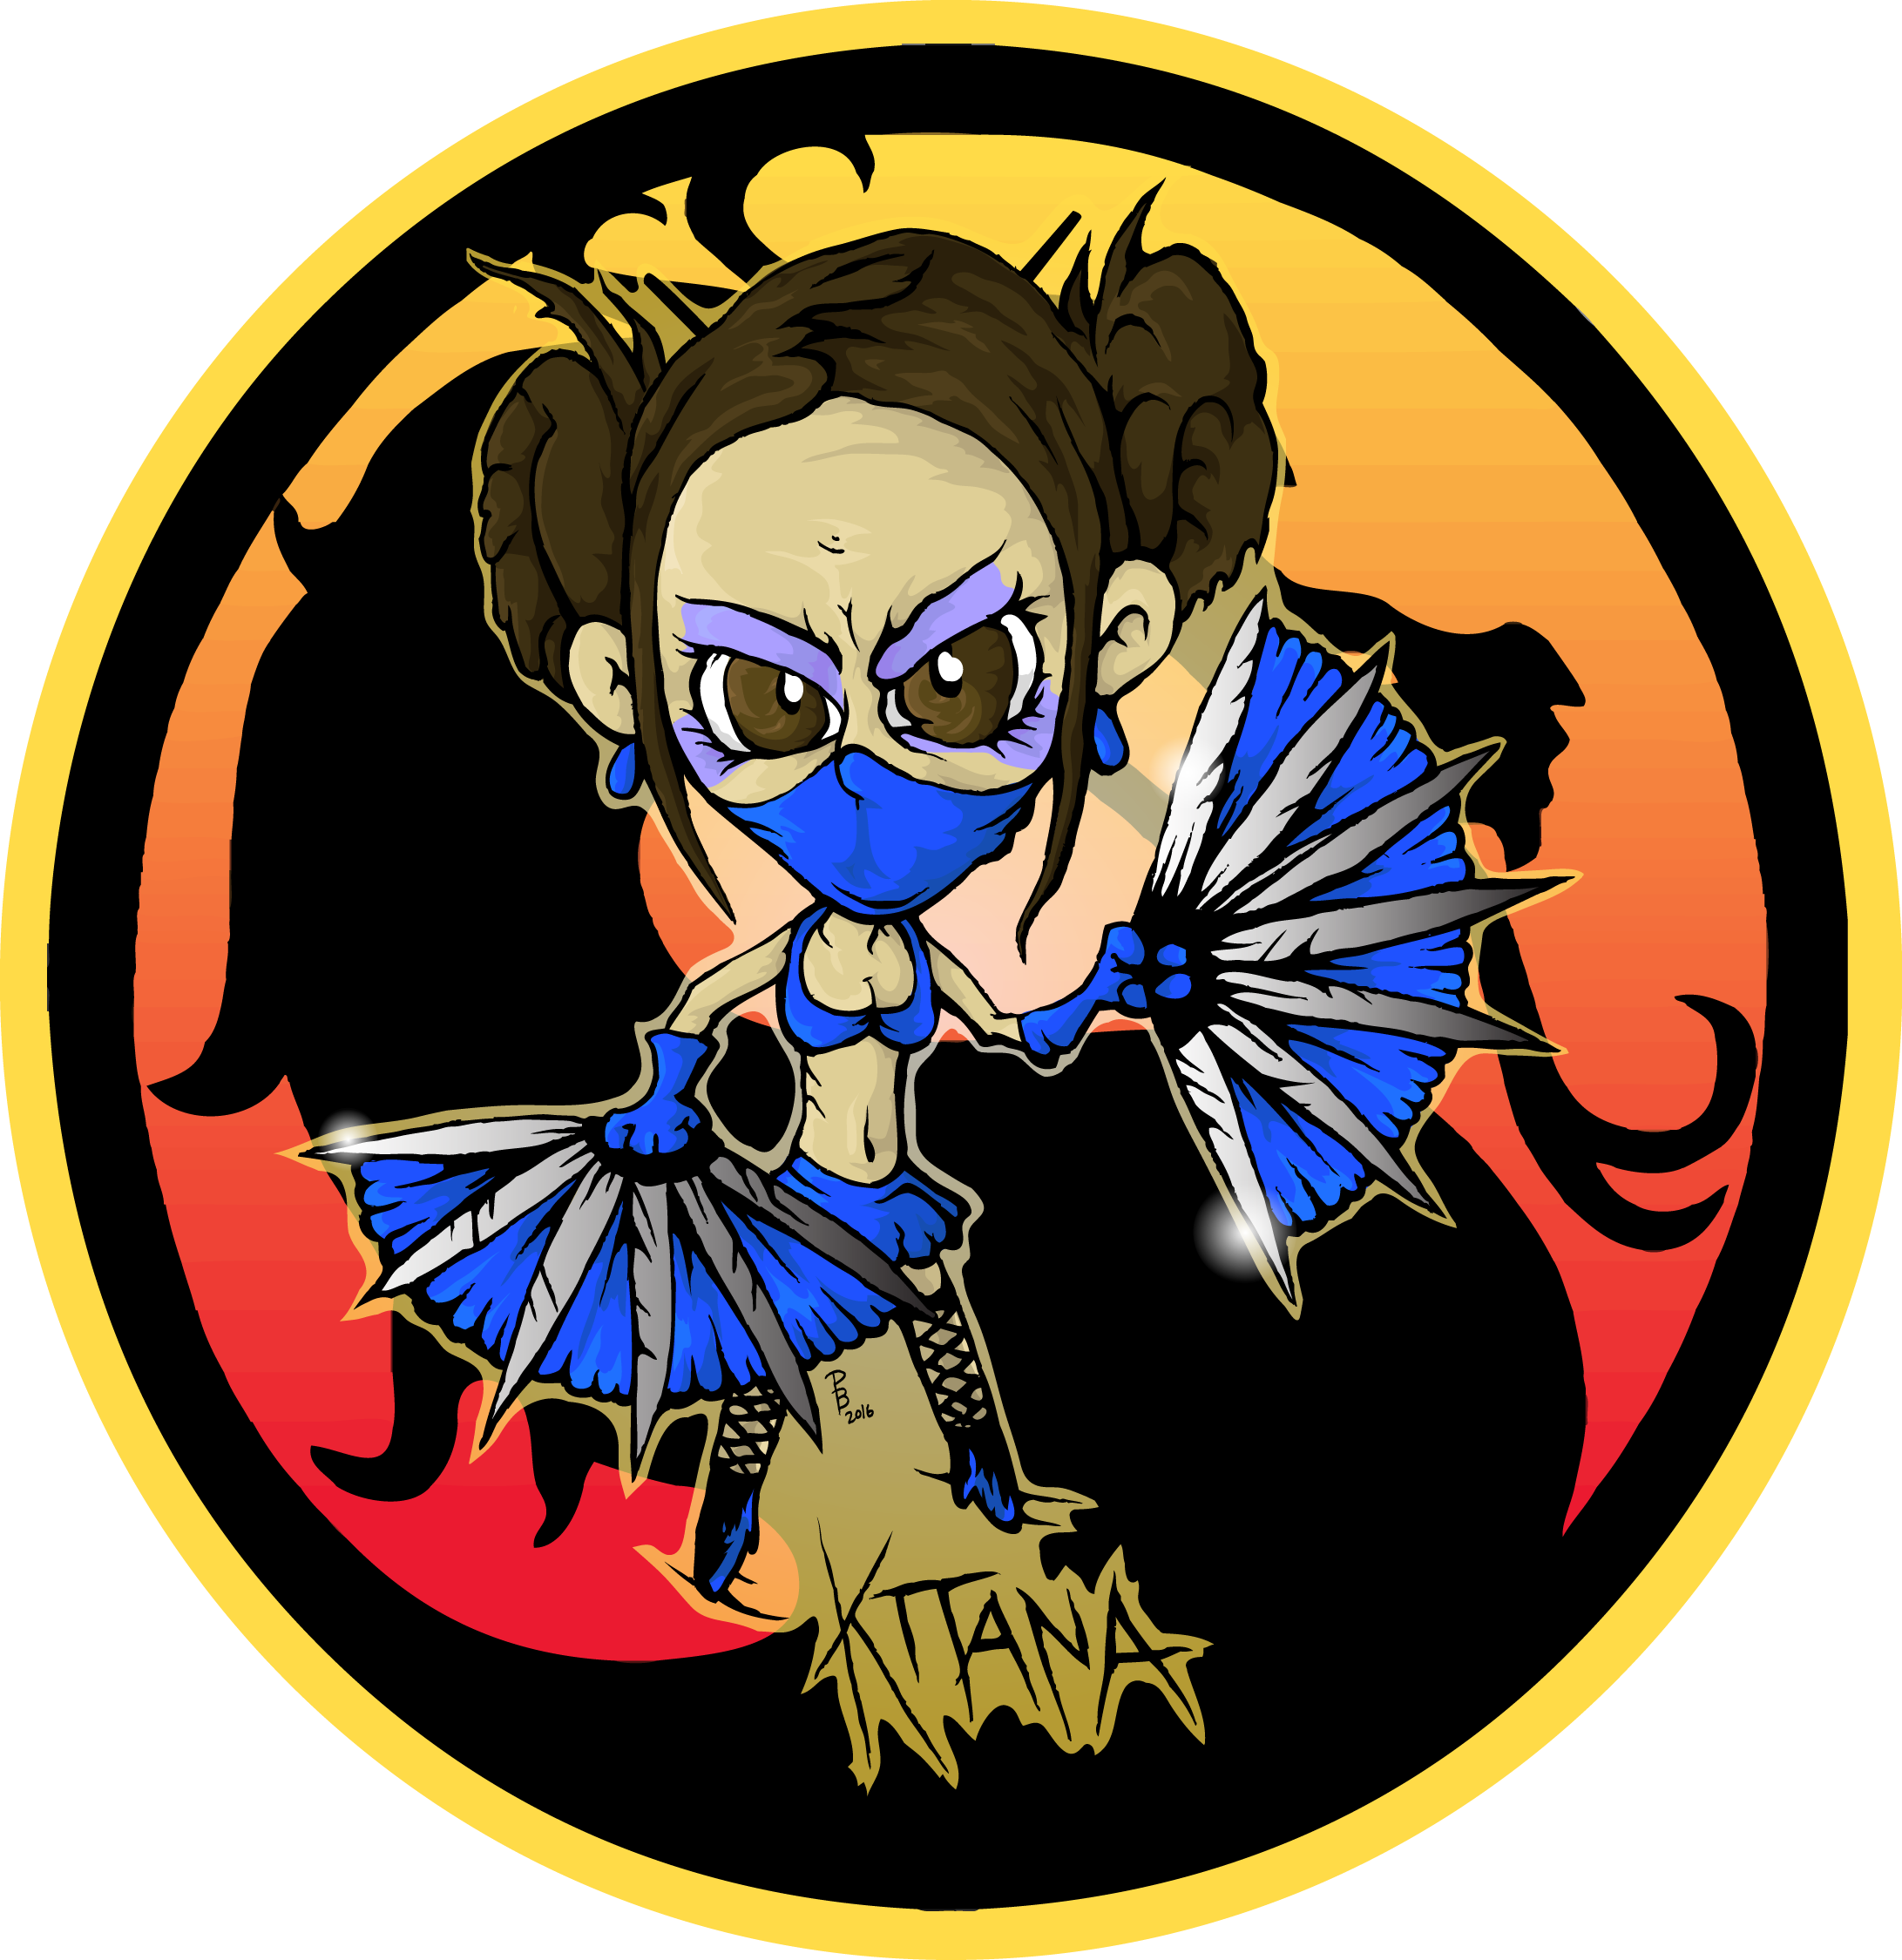 Princess Kitana